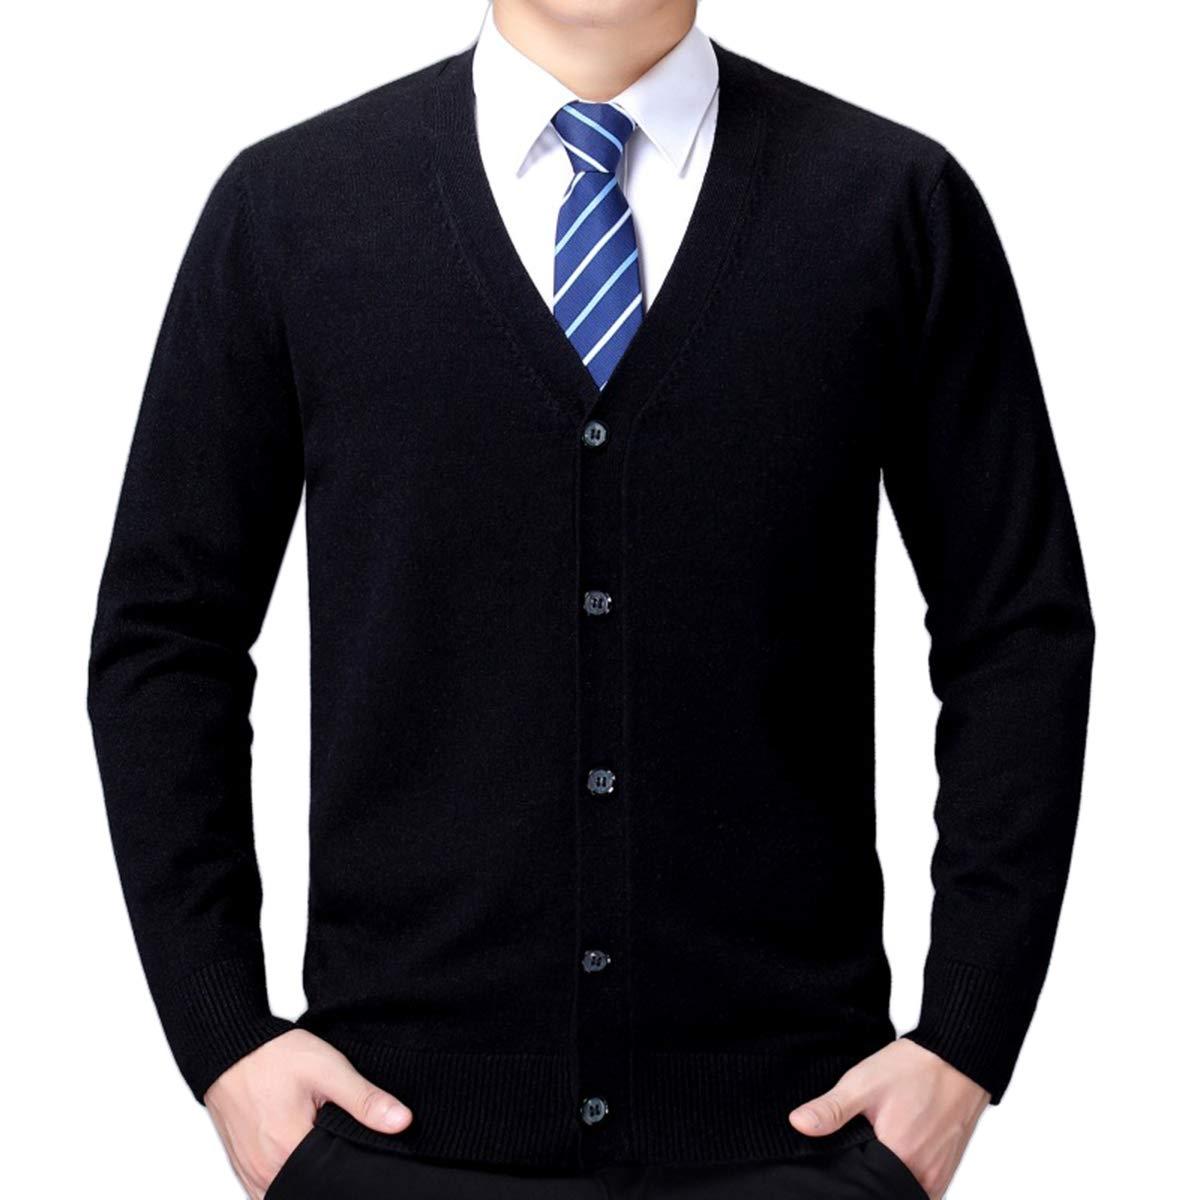 Moda di Cardigan Stile Classico V-Neck Men Bottone Business Casual Lana Camicia Cardigan